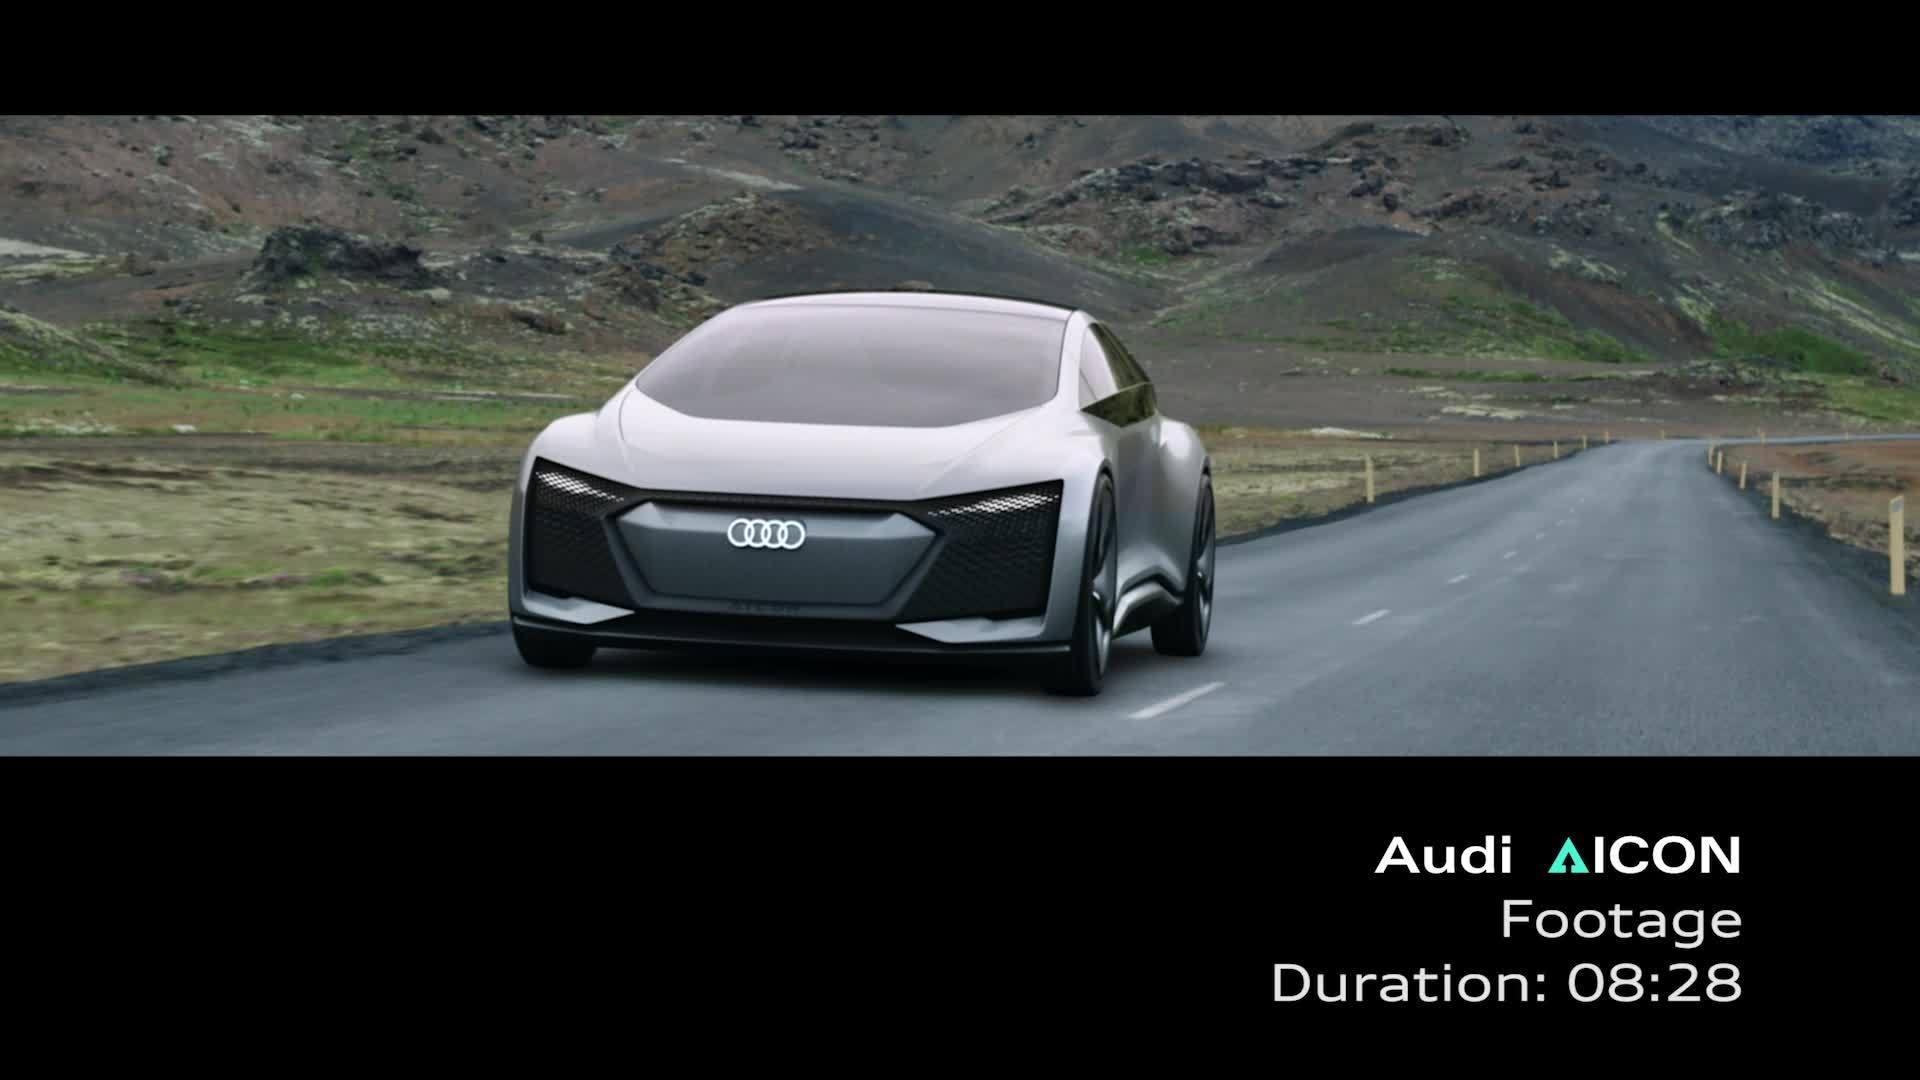 Audi Aicon 2017 Audi MediaCenter